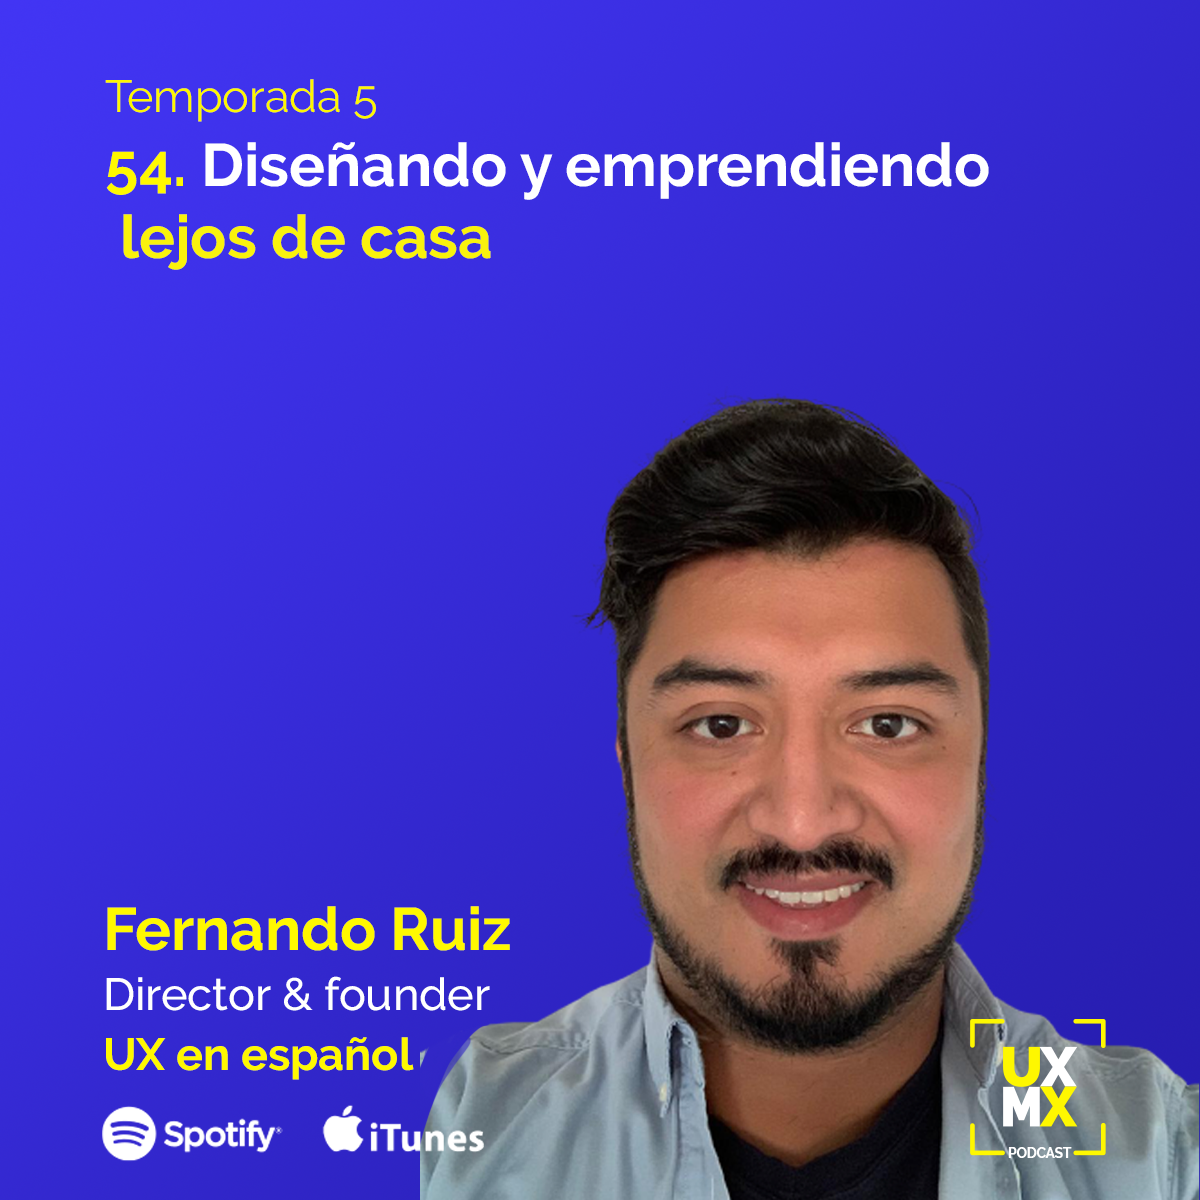 Fernando Ruiz, Director & Founder en UX en Español| Diseño y emprendiendo lejos de casa